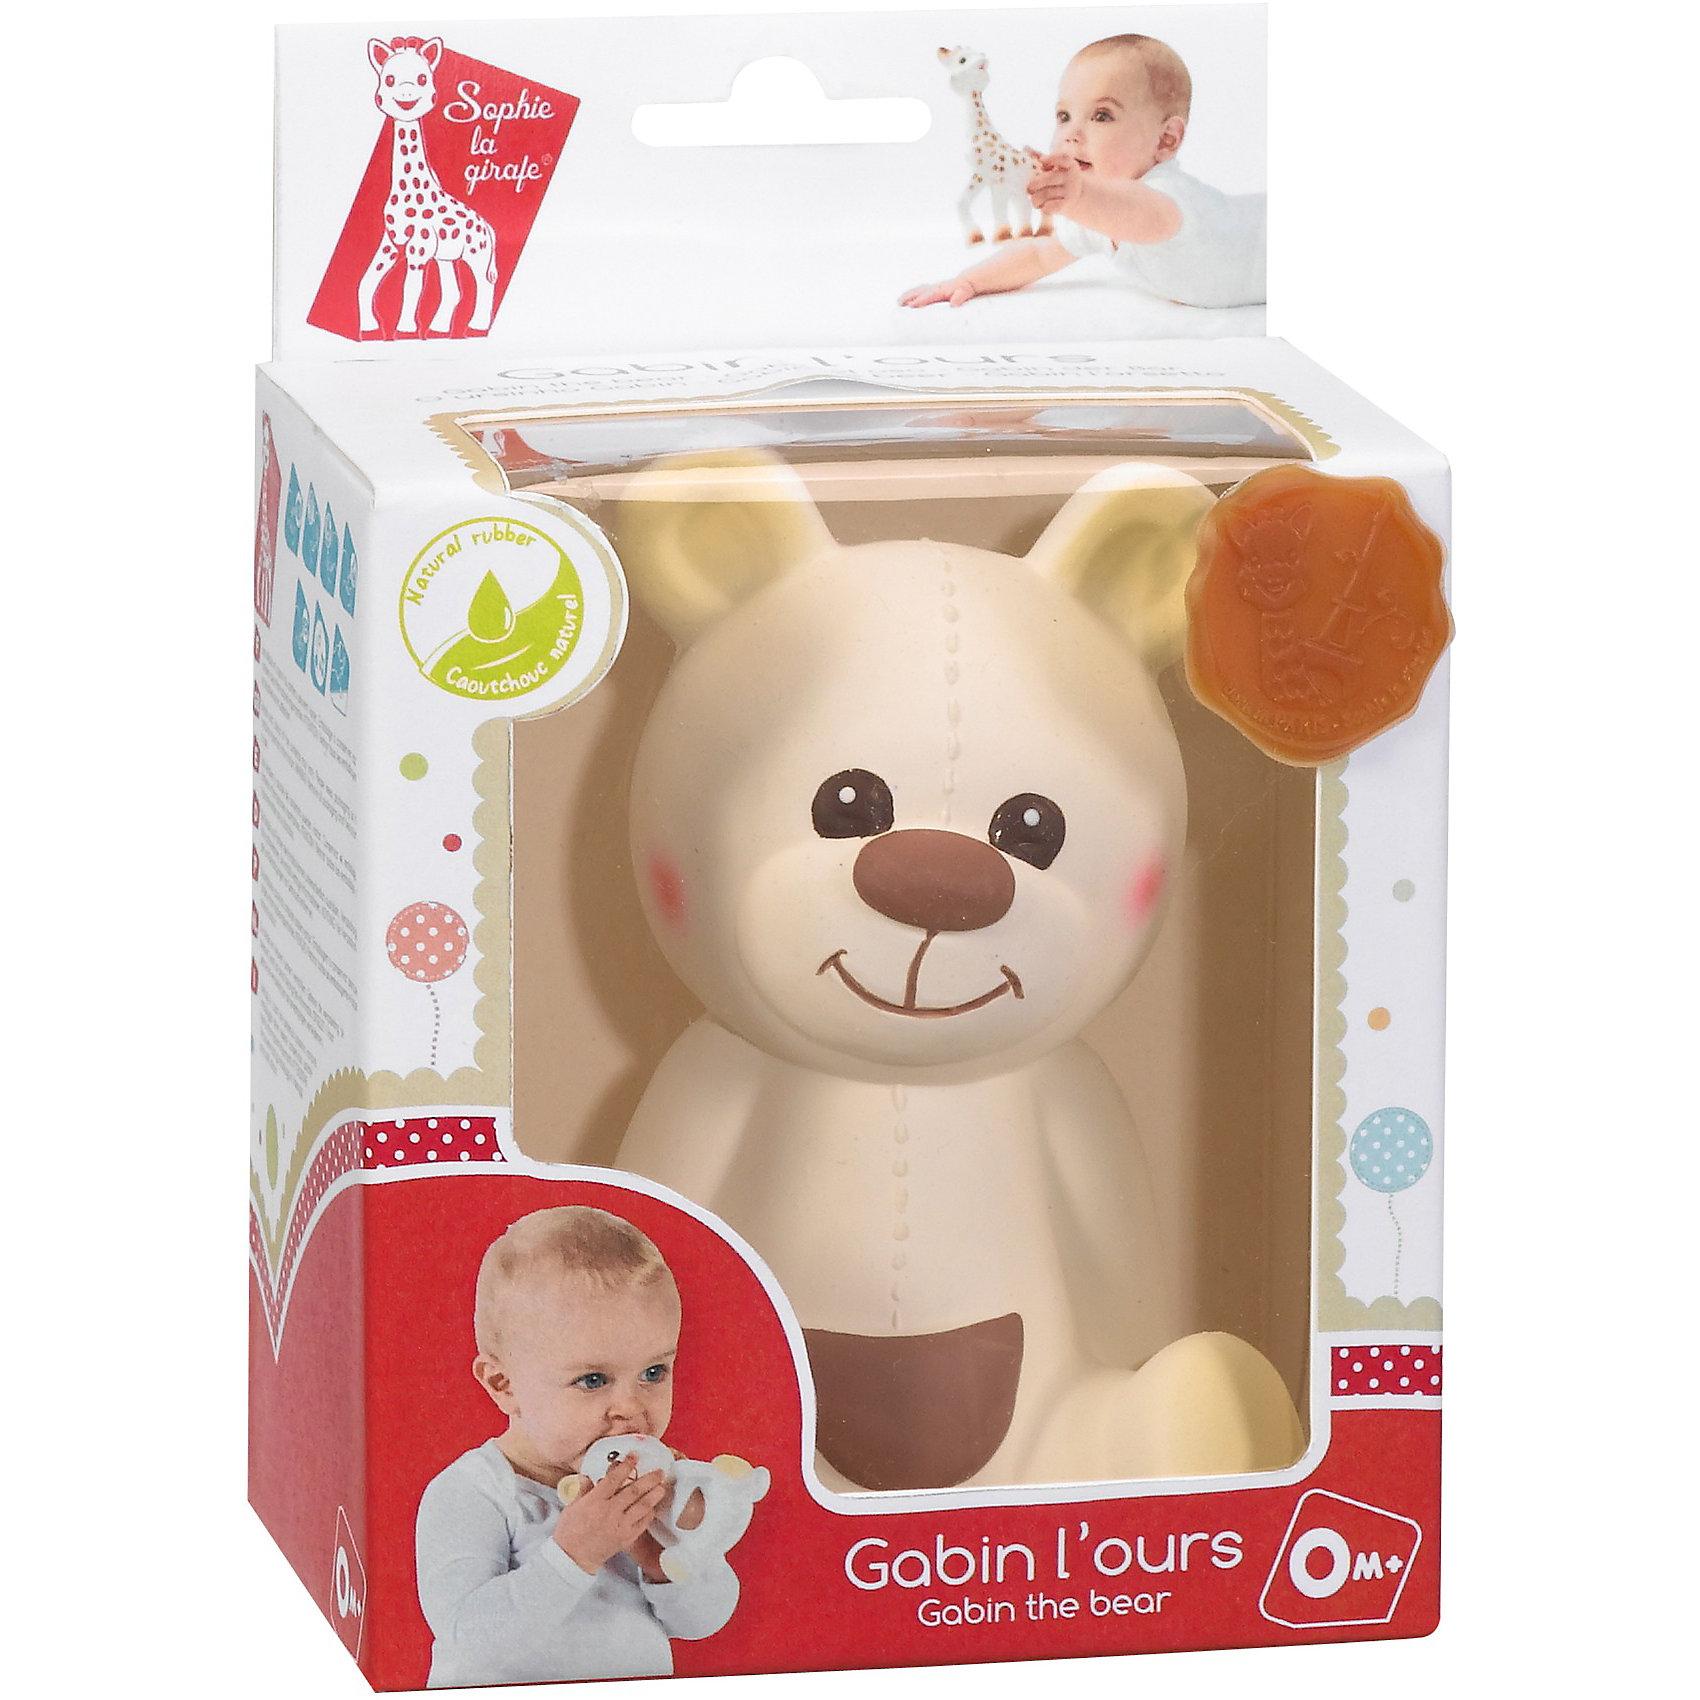 Развивающая игрушка Медвежонок Габэн, VulliРазвивающие игрушки<br>Развивающая игрушка Медвежонок Габэн от французской компании Vulli (Вулли) - это уникальная игрушка-прорезыватель, которая разработана ведущими педиатрами Франции. Ее отличительная особенность в том, что она помогает снимать воспаление с десен малыша, когда у него режутся зубки. Поверхность игрушки выполнена на основе специальной технологии SOFT TOUCH улучшает тактильные ощущения, что очень важно в первые годы жизни младенца. Когда малютка нажмет на Медвежонка Габэн Vulli (Вулли), он произведет писк, который - способствует развитию слуха. Яркие контрастные краски, в которые выкрашены детали прорезывателя, развивают зрение малыша<br>натуральный аромат каучука стимулирует органы обоняния ребенка.<br><br>Дополнительная информация:<br><br>-  Игрушка изготовлена из натурального каучука<br>покрашена пищевой краской, абсолютно безопасной для ребенка;<br>- Игрушка имеет разные выпуклости, за которые малышу будет удобно ее держать и кусать; <br>- Если нажать на медвежонка, то он издаст писк;<br>- Размер игрушки 17 см;<br>- Вес: 108 г. <br><br>Развивающую игрушку Медвежонка Габэн, Vulli (Вулли) можно купить в нашем интернет-магазине.<br><br>Ширина мм: 120<br>Глубина мм: 80<br>Высота мм: 170<br>Вес г: 108<br>Возраст от месяцев: 0<br>Возраст до месяцев: 36<br>Пол: Унисекс<br>Возраст: Детский<br>SKU: 3548836